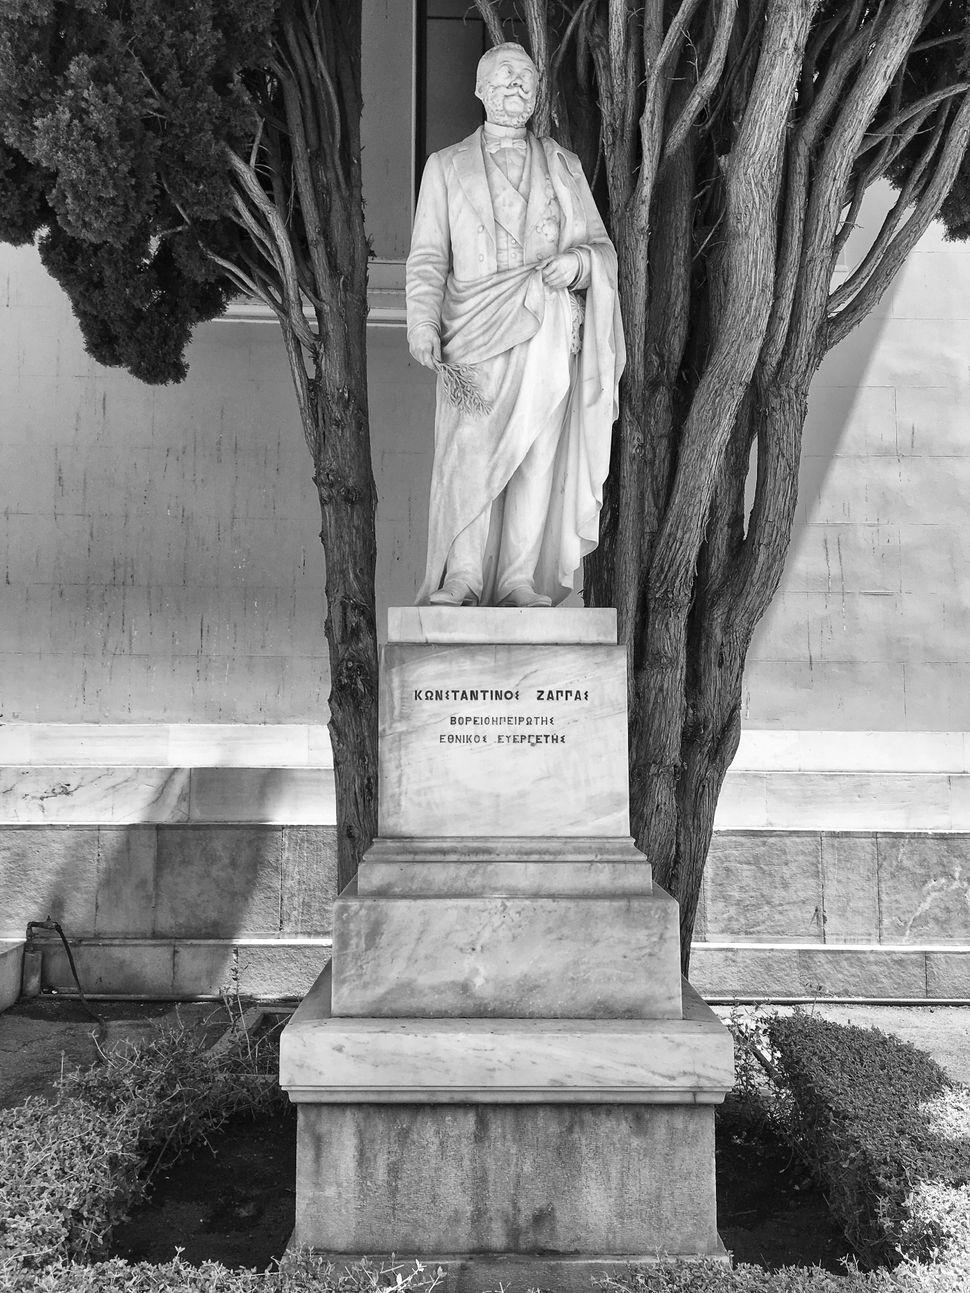 Γεώργιου Βρούτου,Κωνσταντίνος Ζάππας, 1888, μάρμαρο,Ζάππειο.